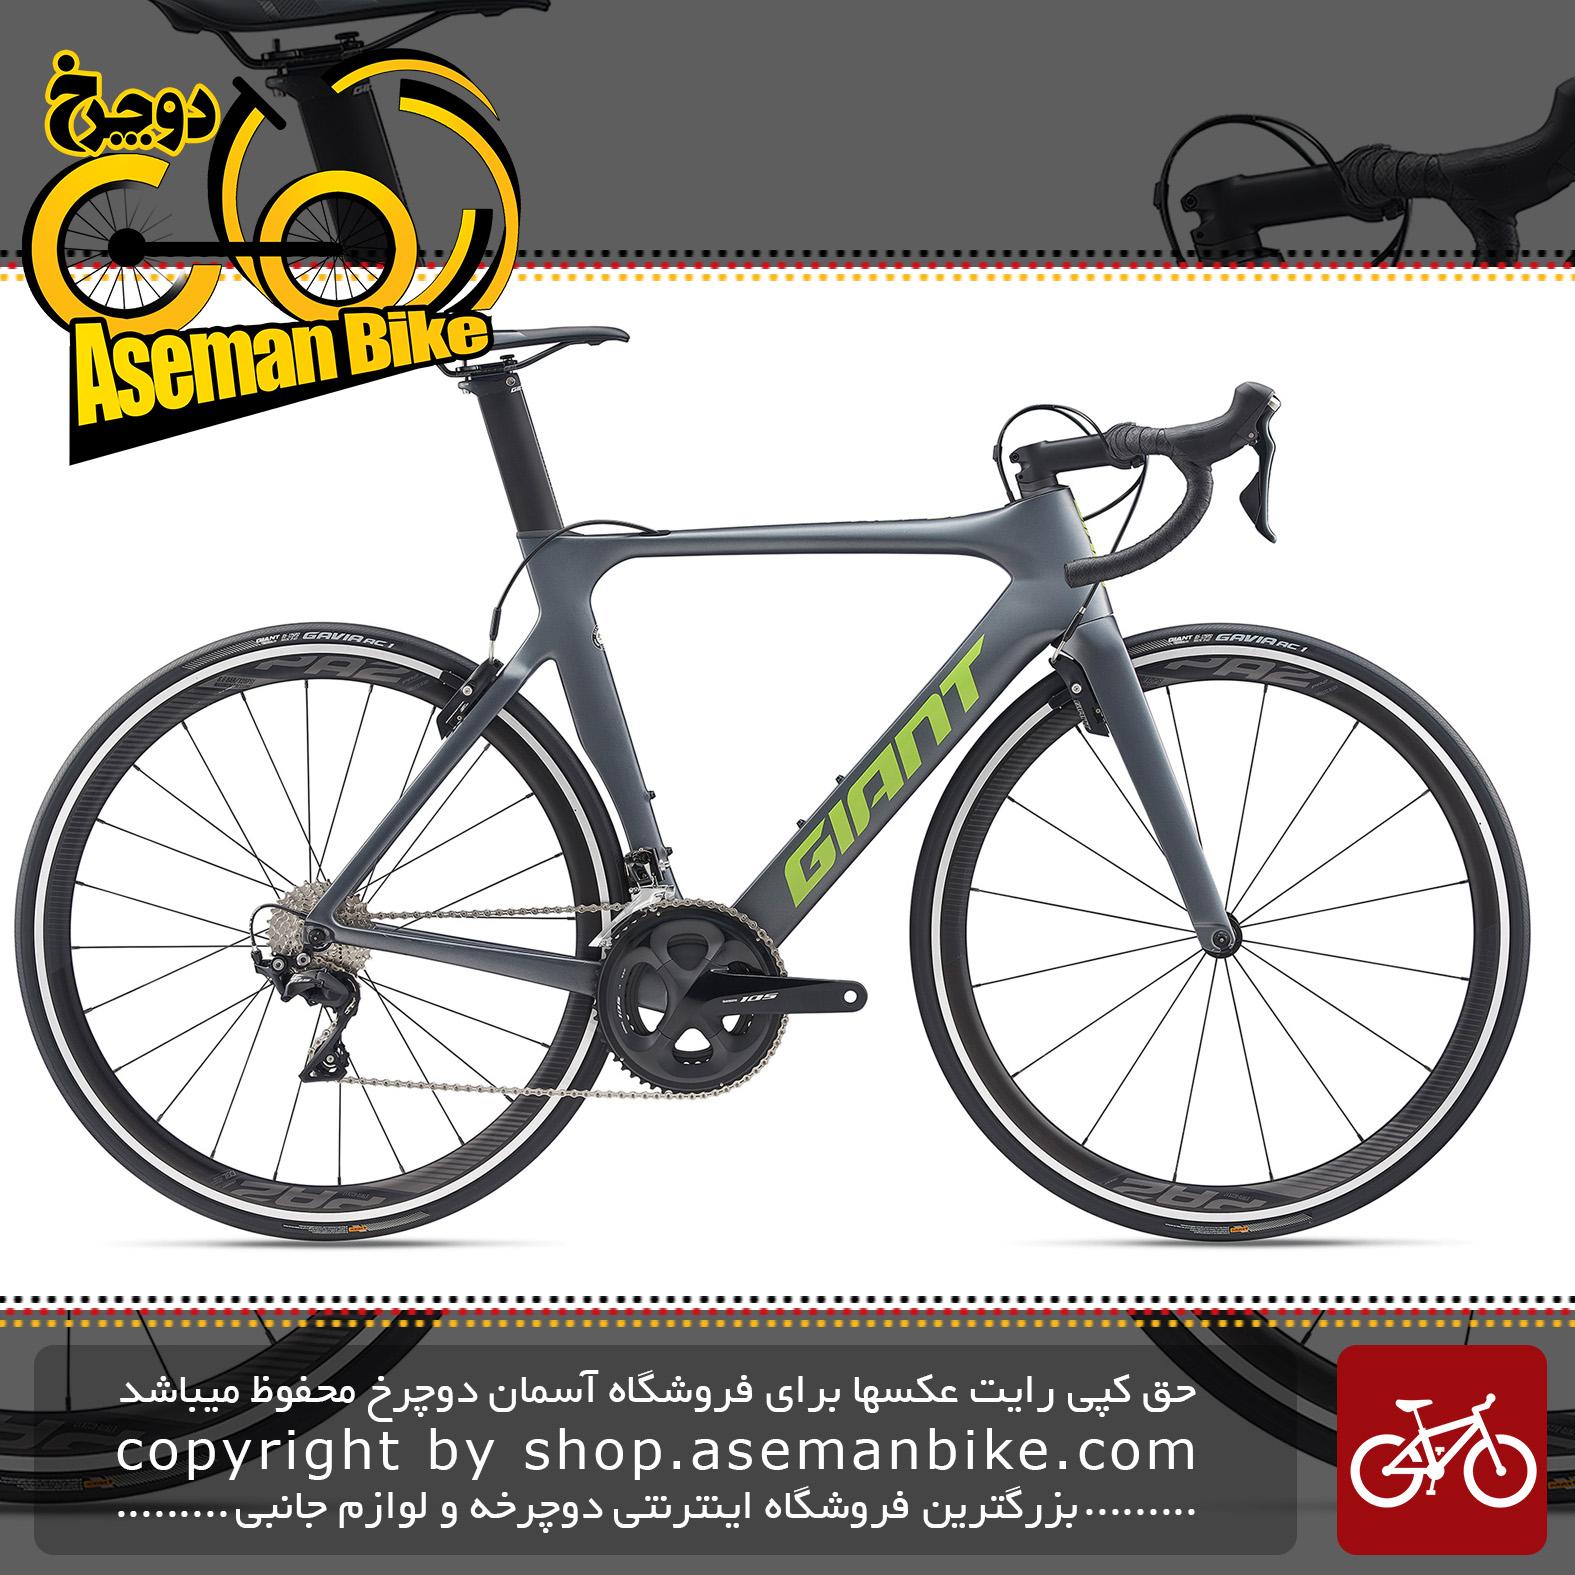 دوچرخه کورسی جاده جاینت مدل پروپل ادونس 2 2020 Giant Road Bicycle Propel Advanced 2 2020